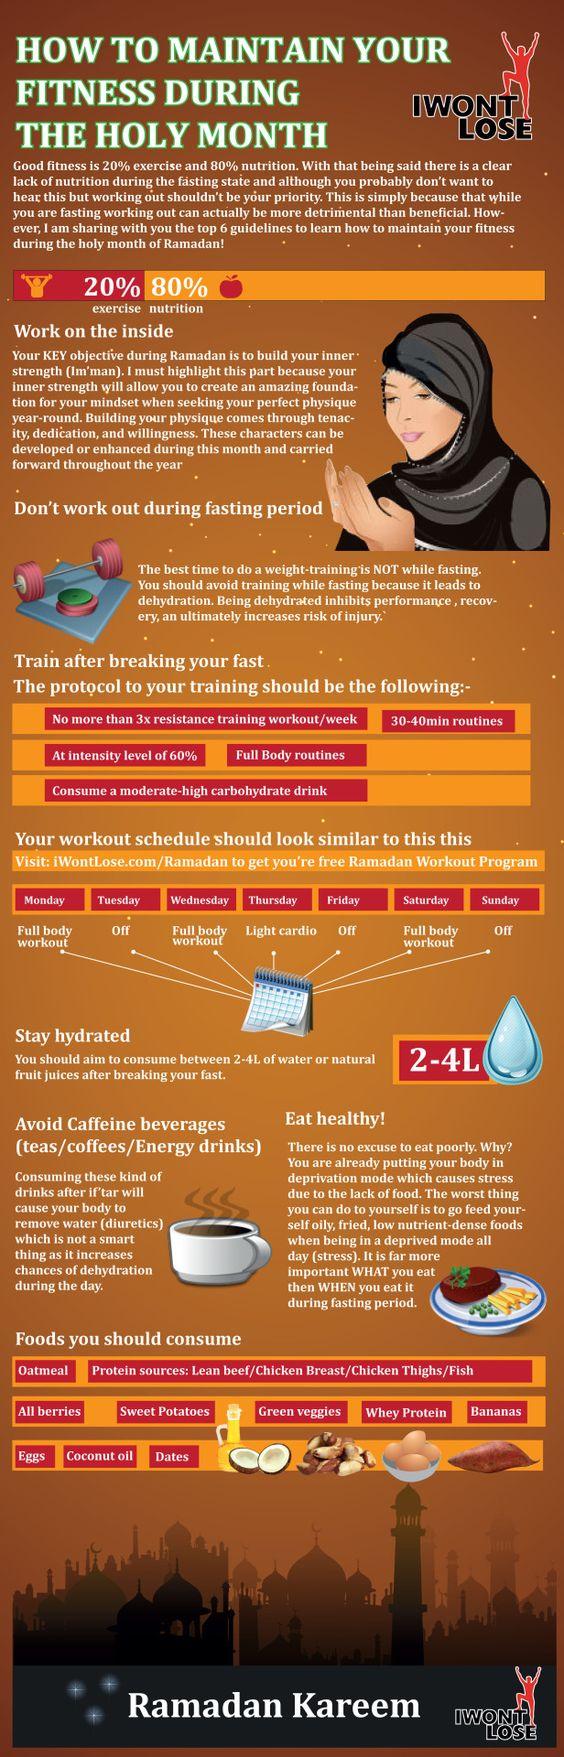 How to Maintain Your Fitness During Ramadanhttp://www.iwontlose.com/ramadan  Ramadan Kareem: